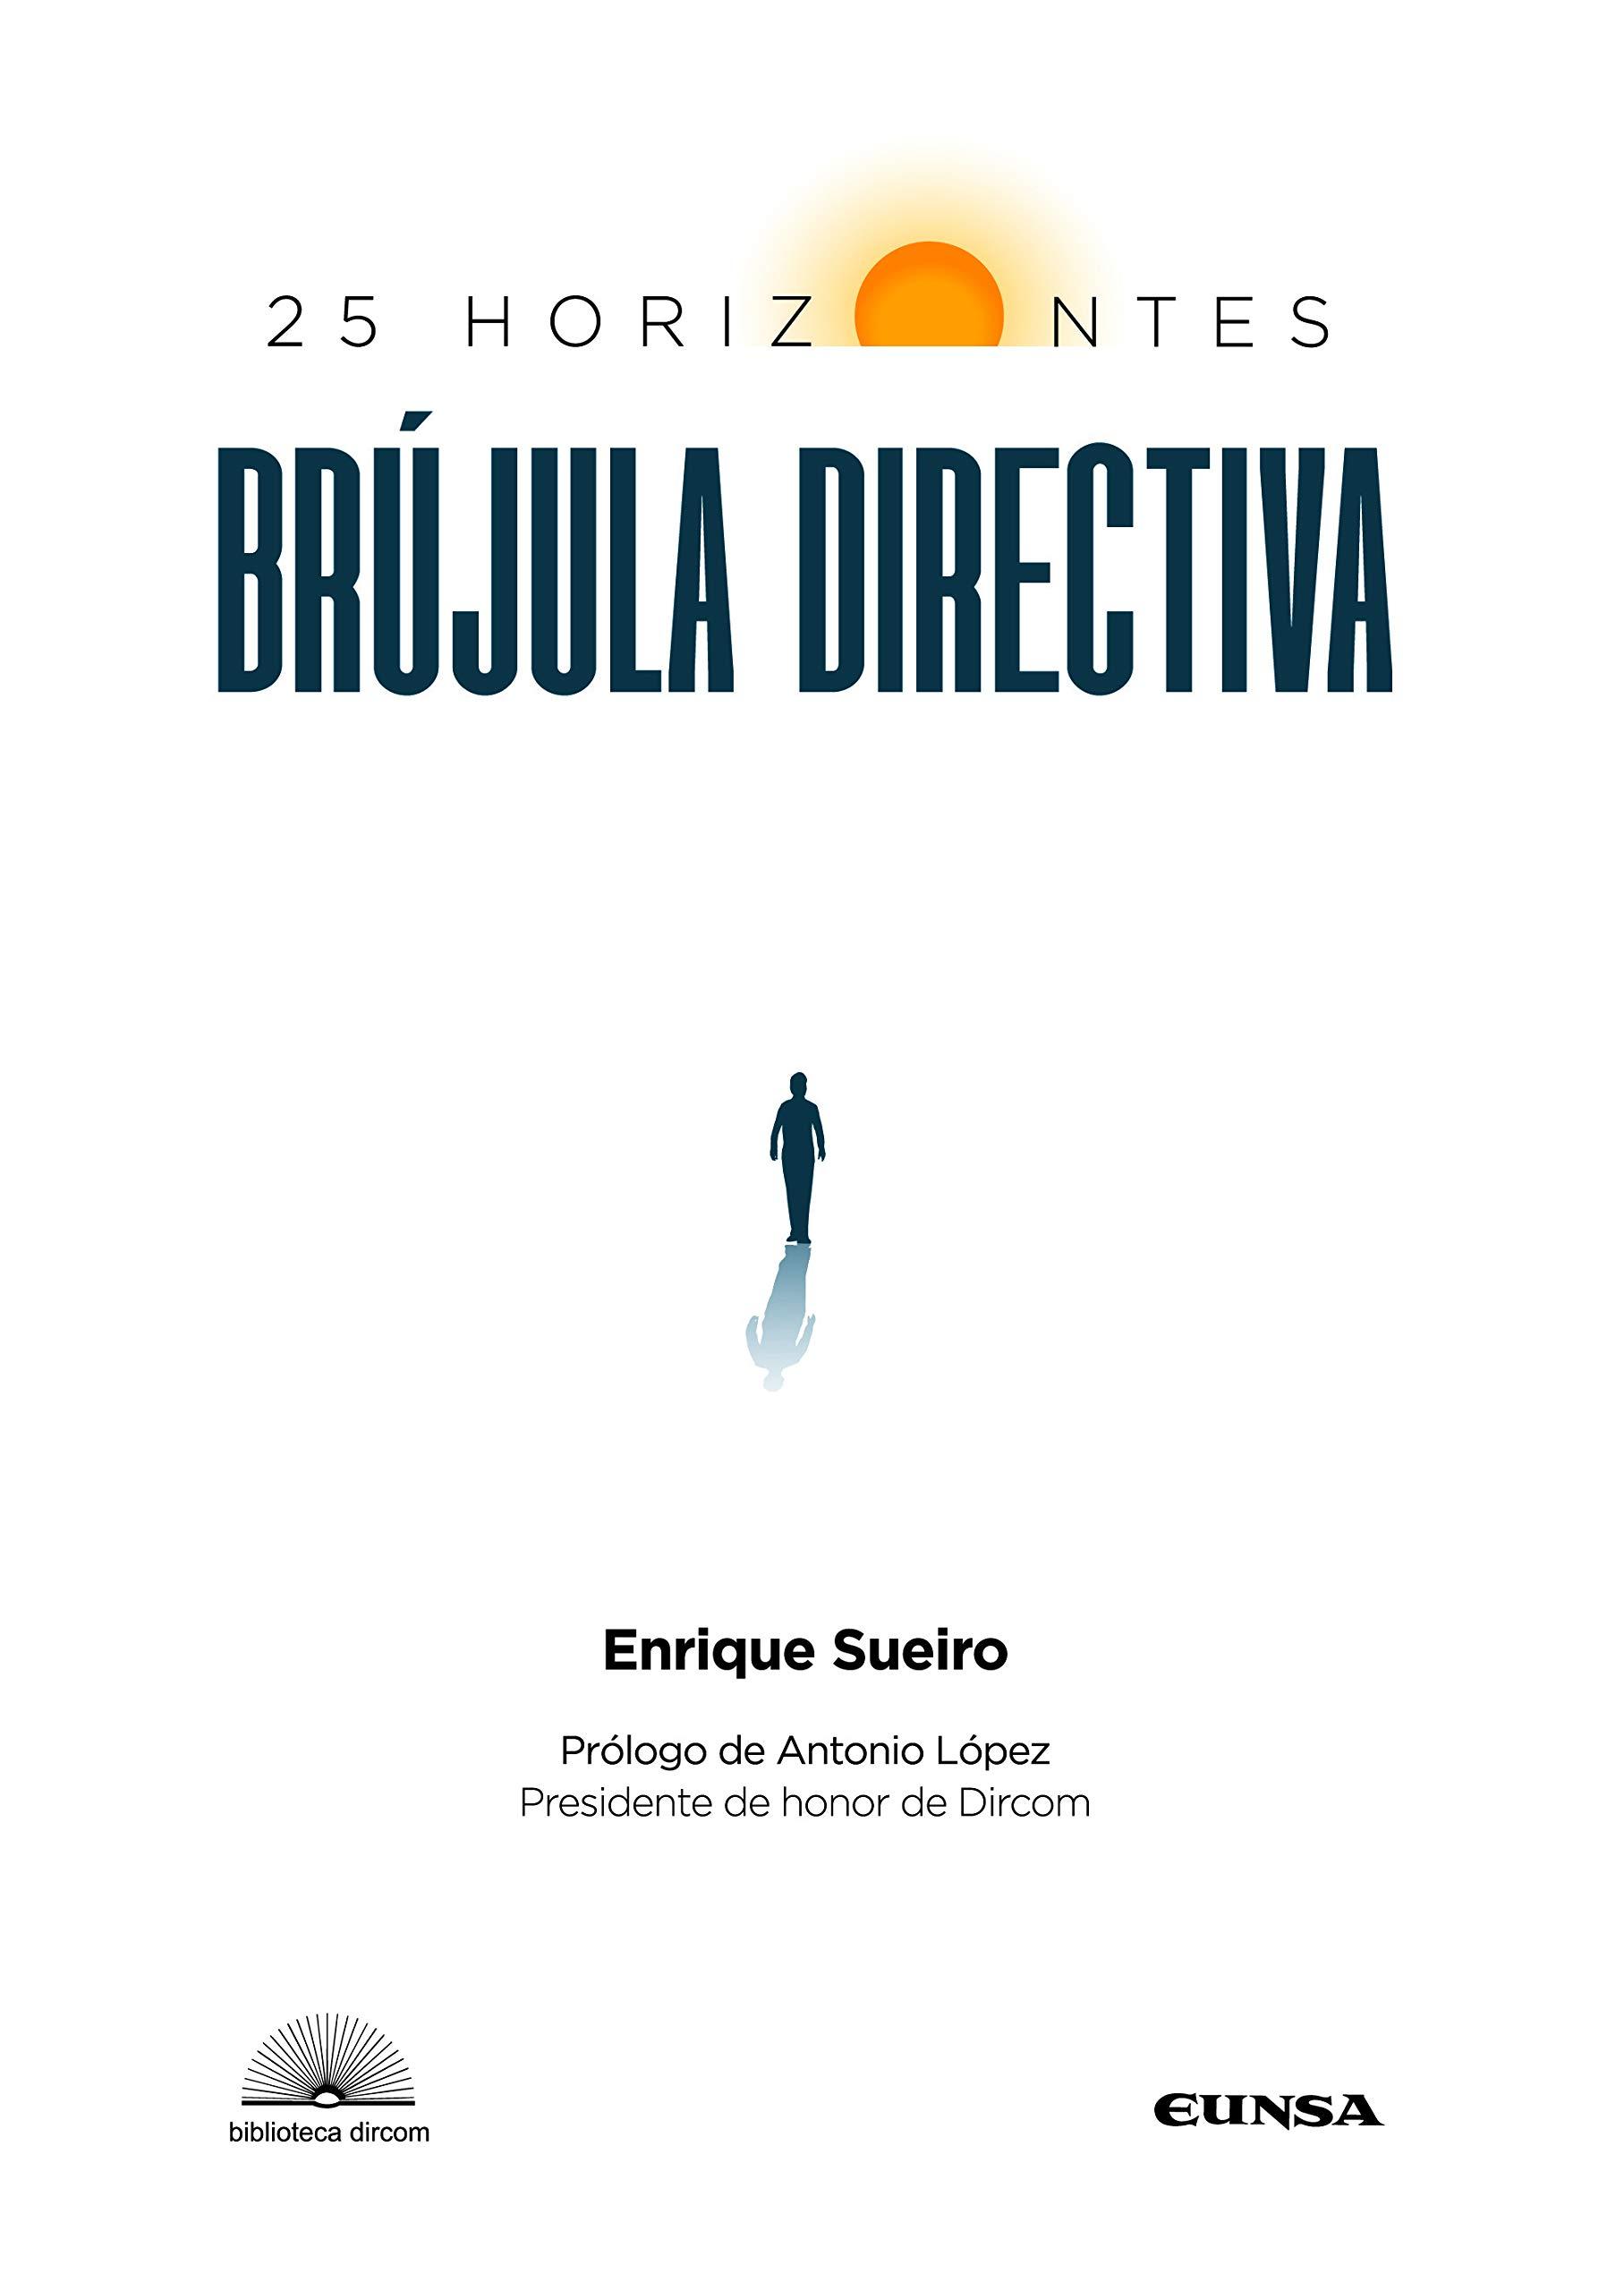 Brújula directiva